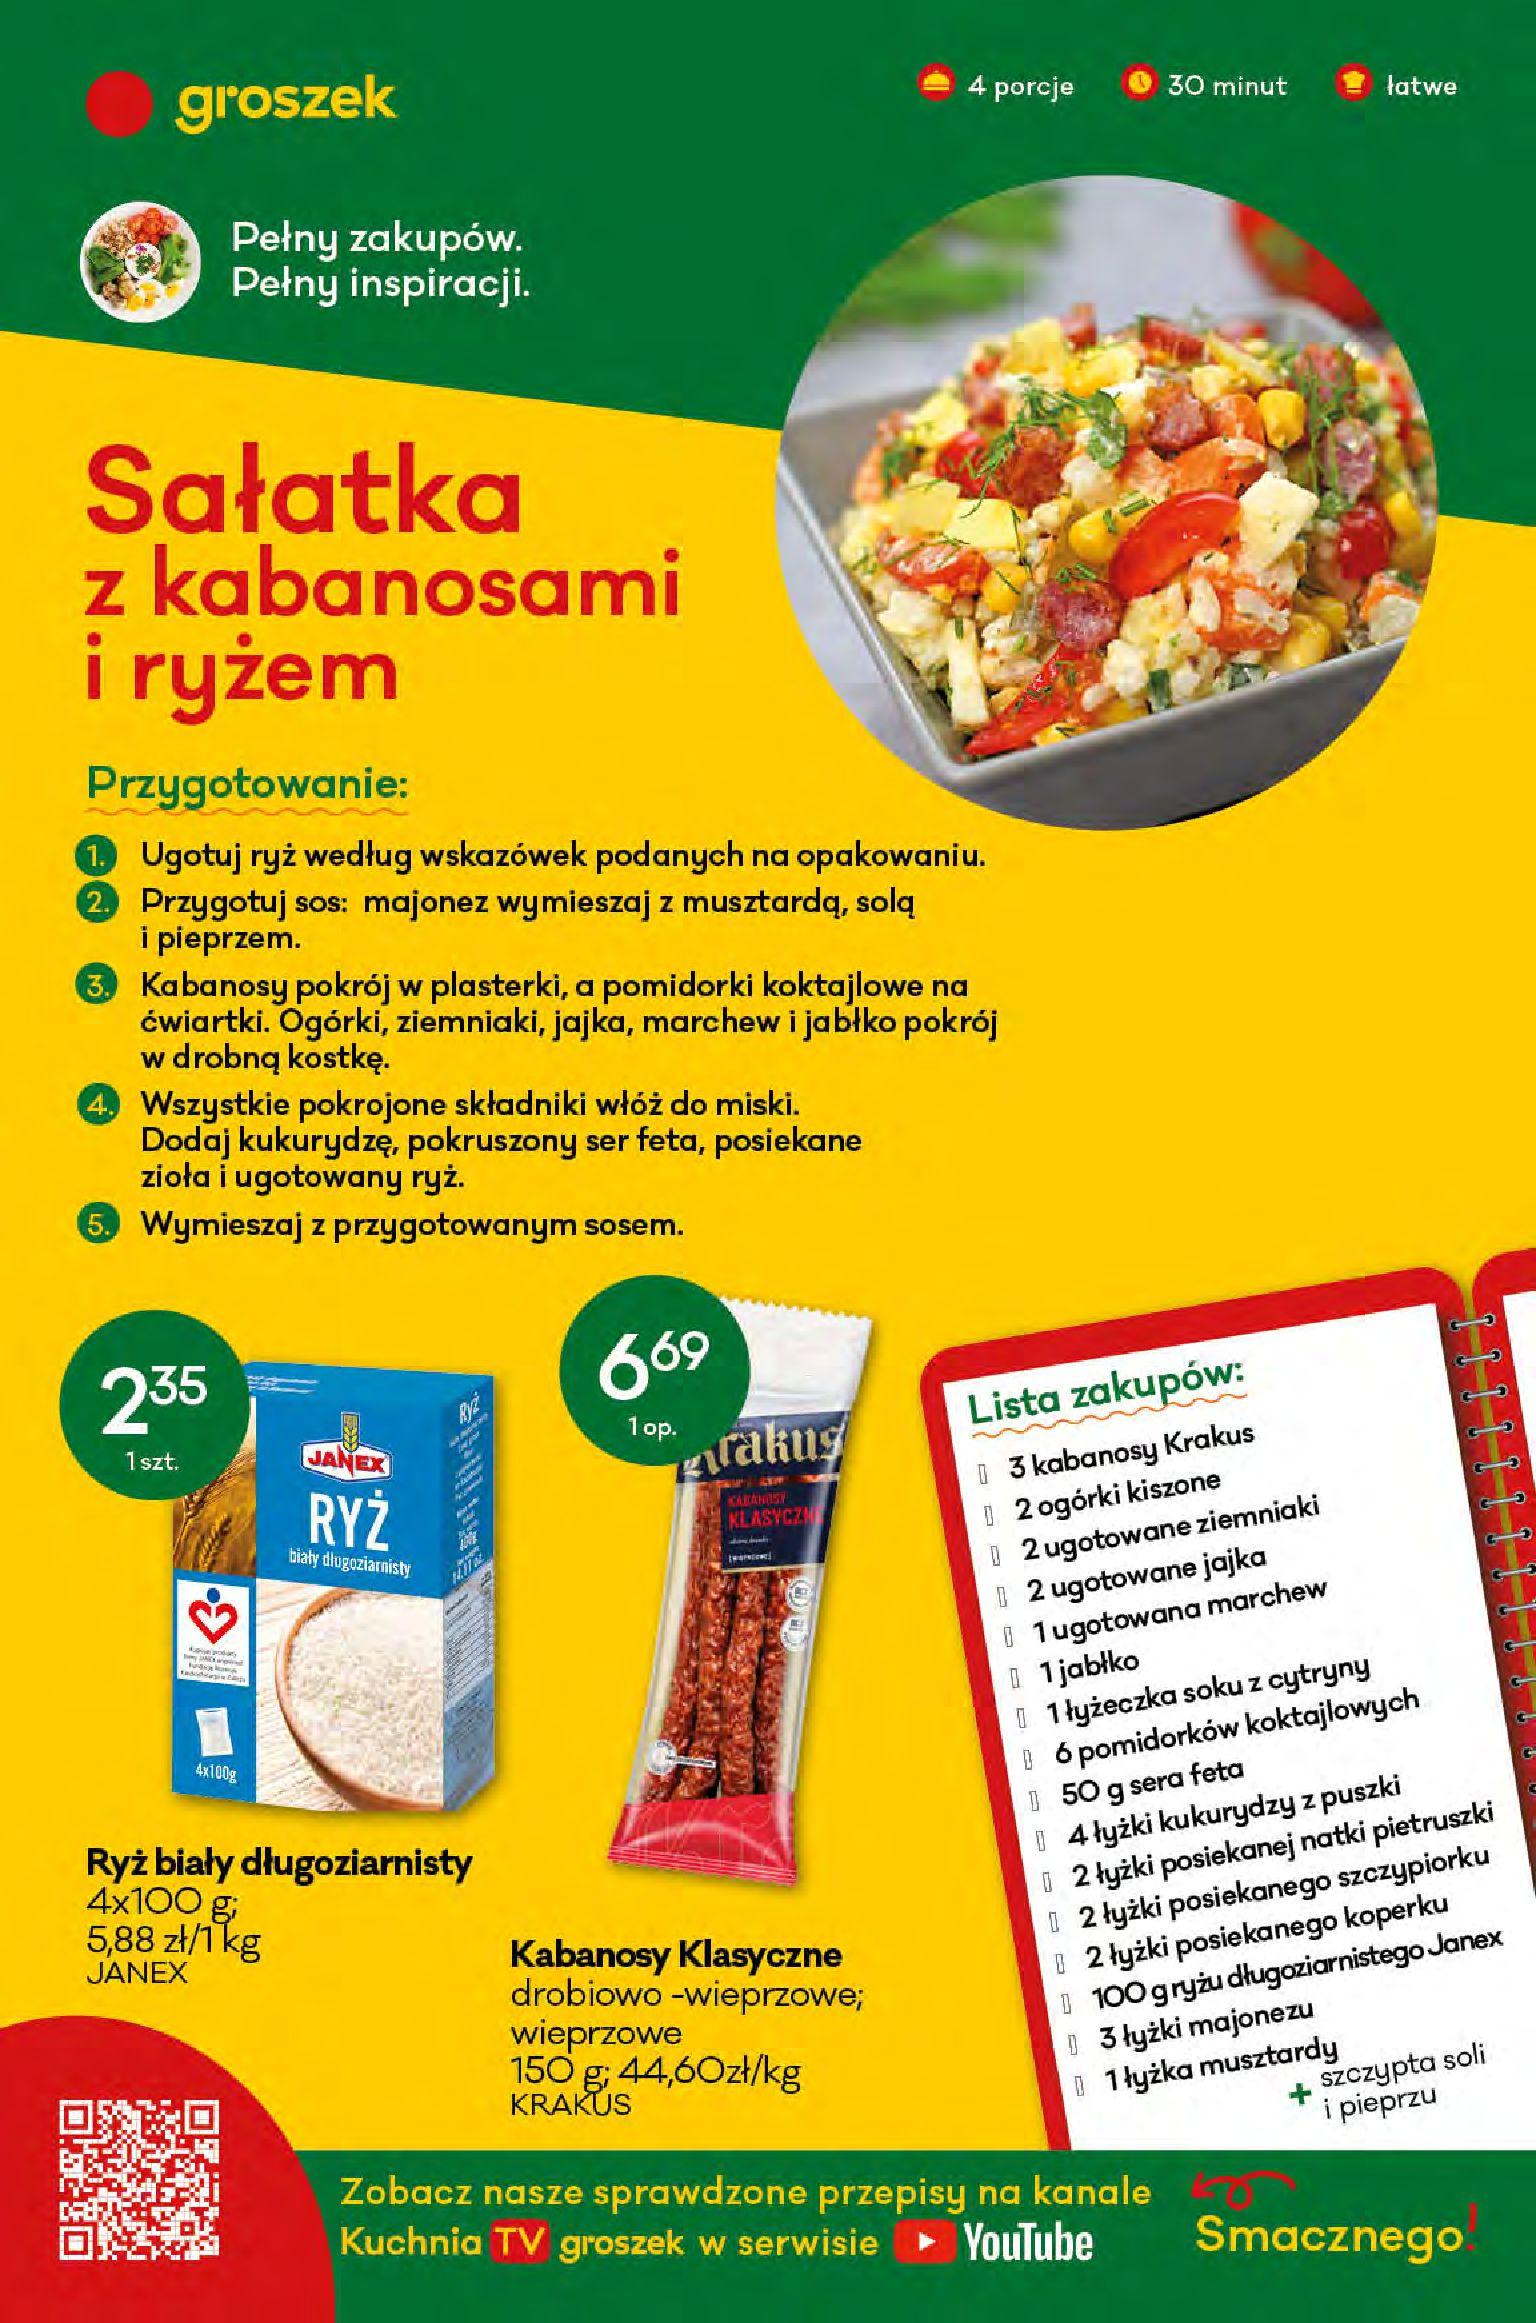 Gazetka Groszek: Gazetka promocyjna 2021-04-08 page-2